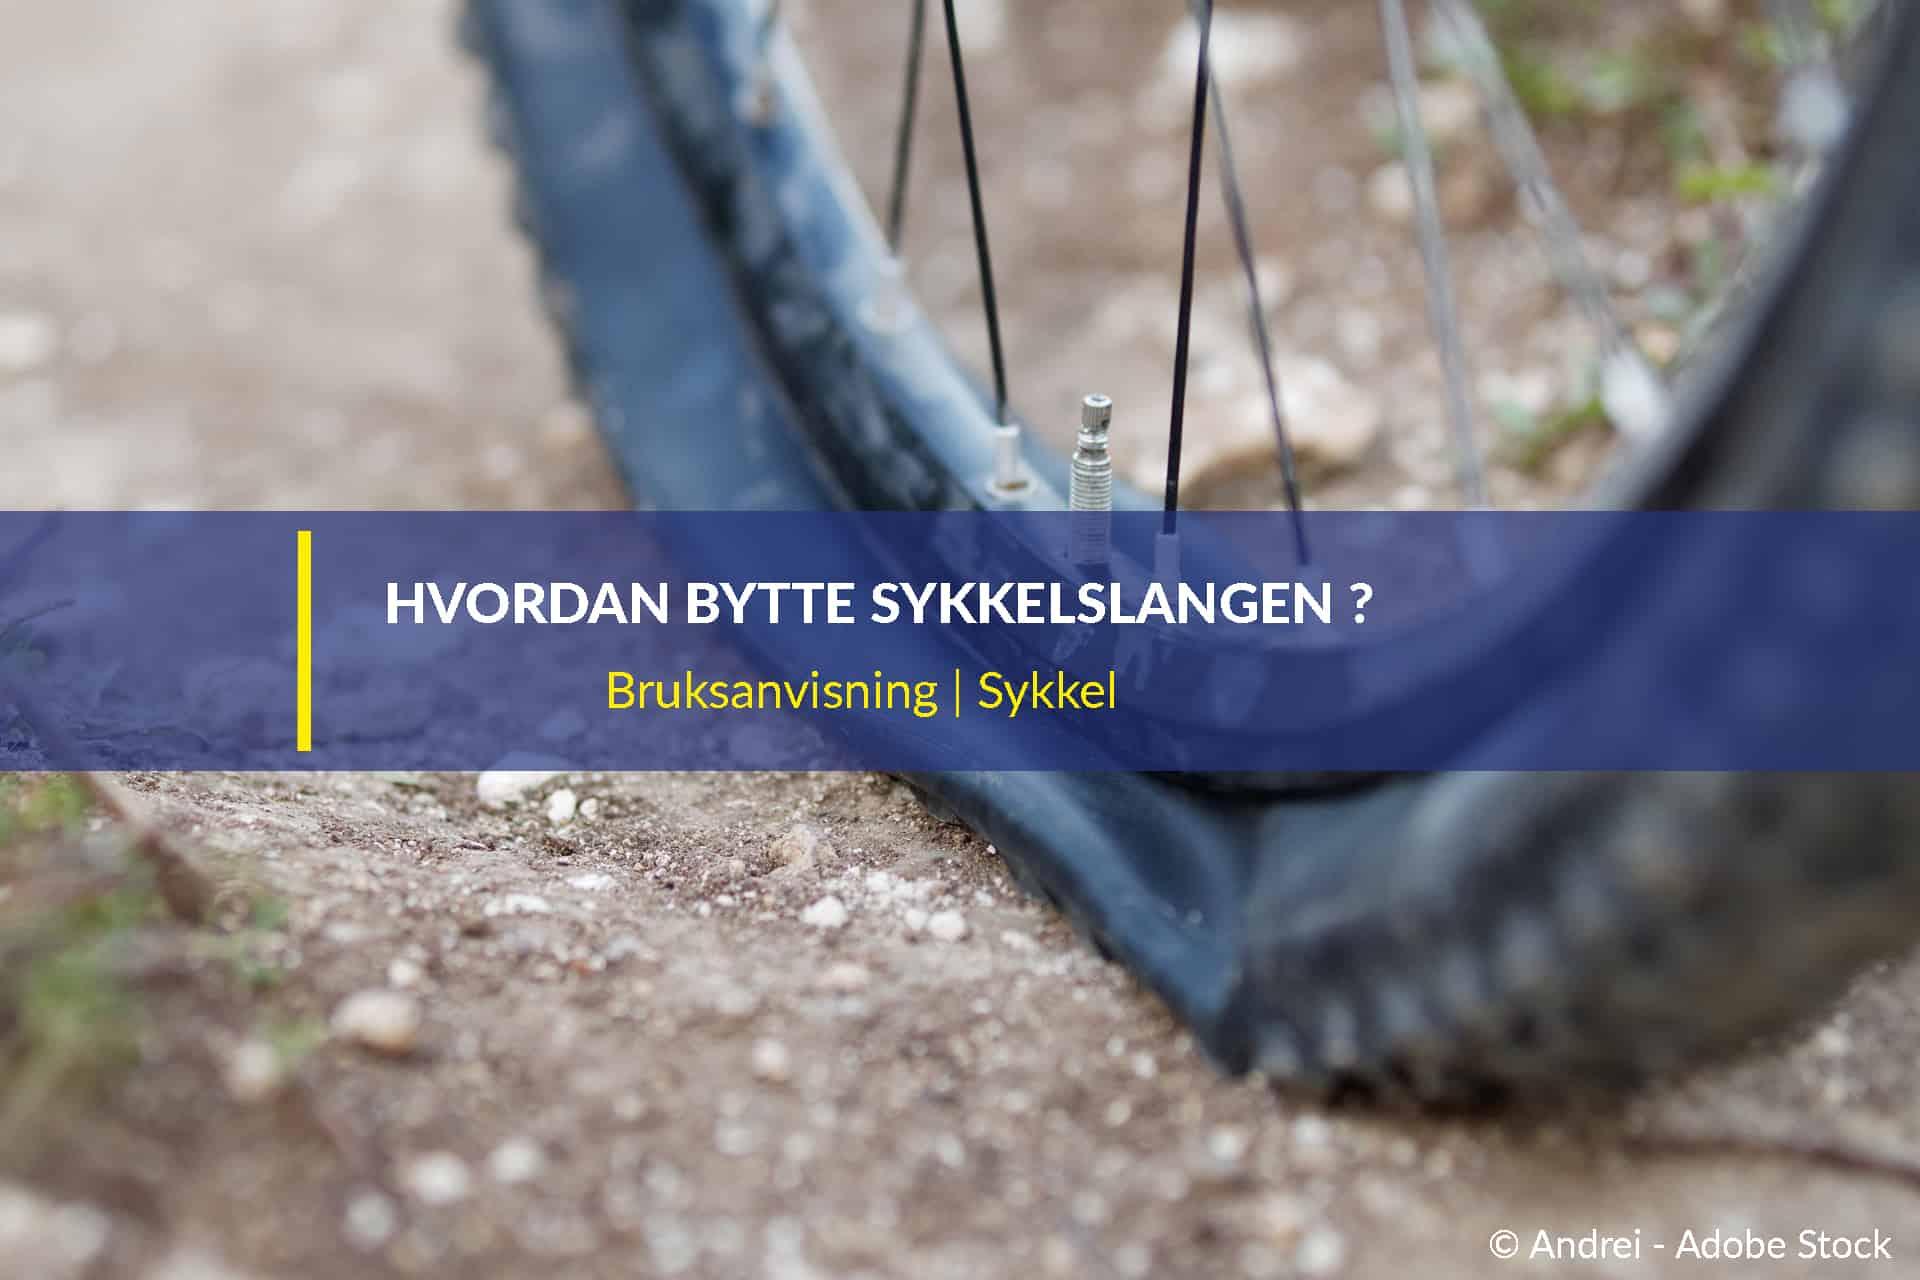 hvordan bytte sykkelslangen